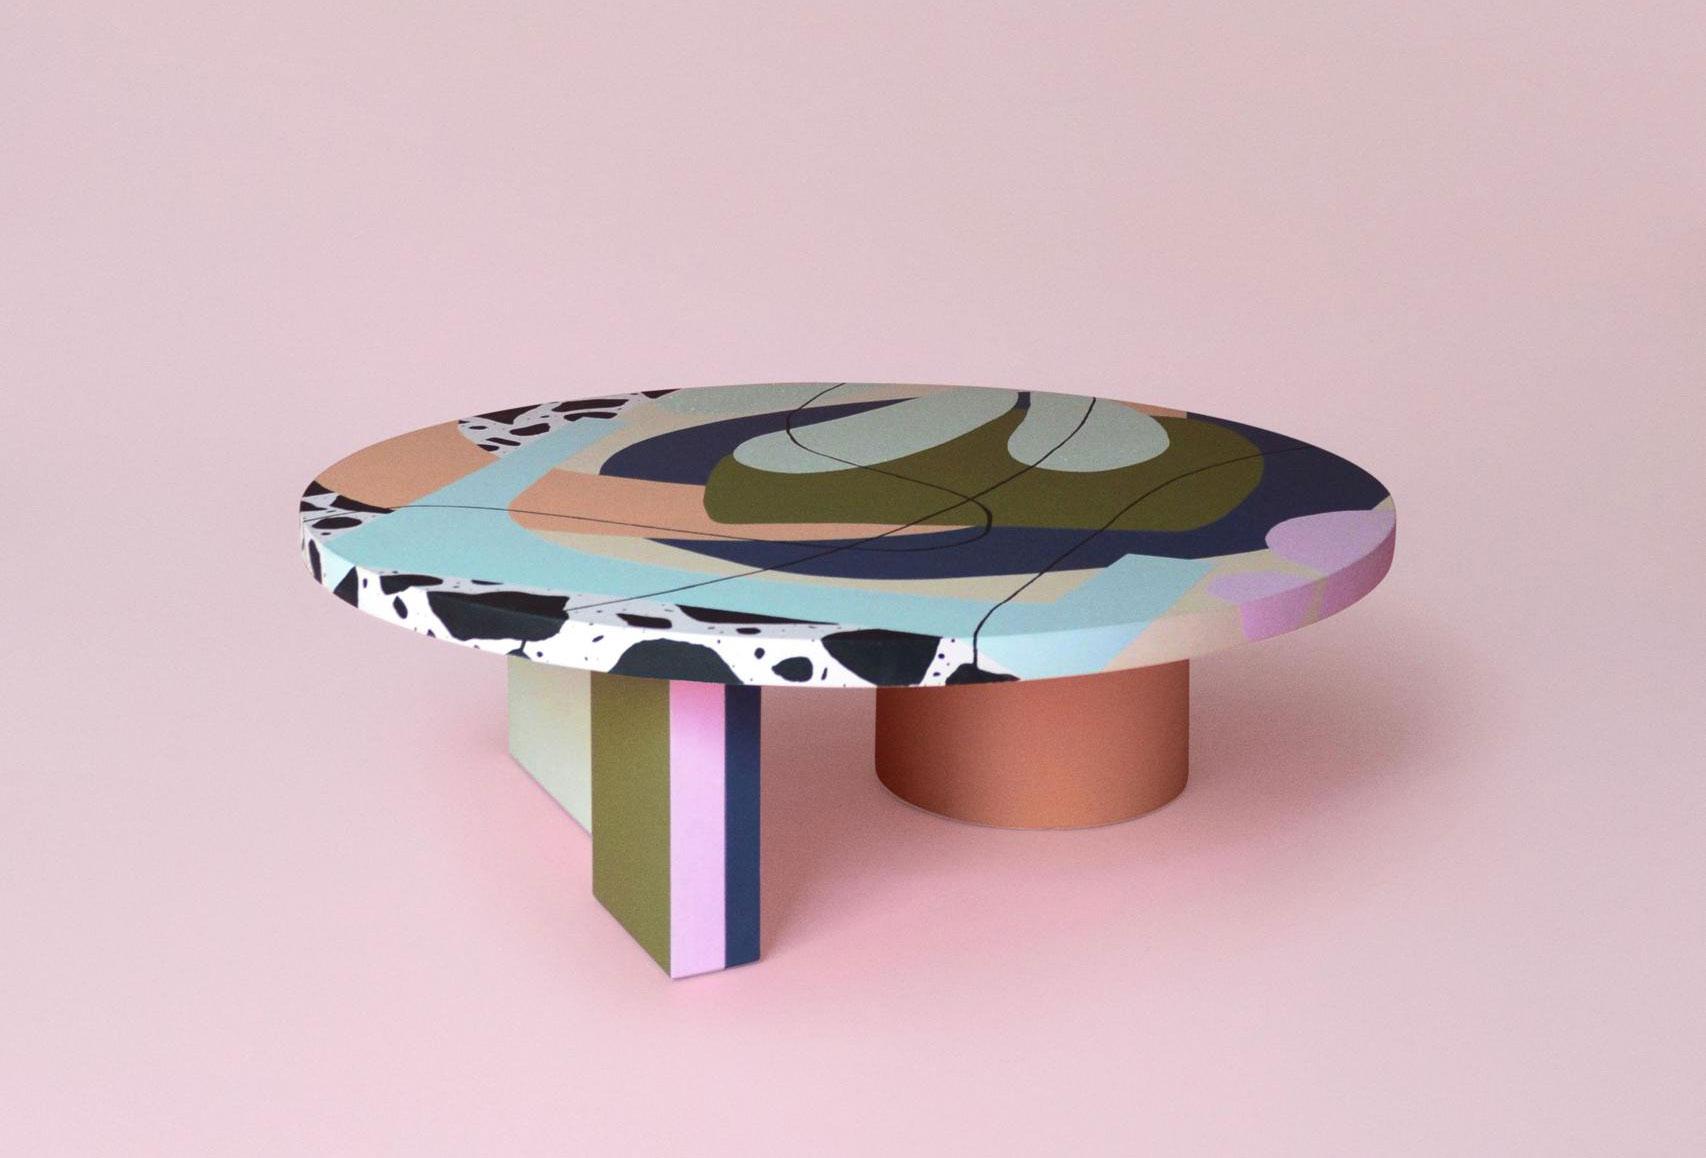 alexproba_designerin-decohomde-oba-nort-tisch